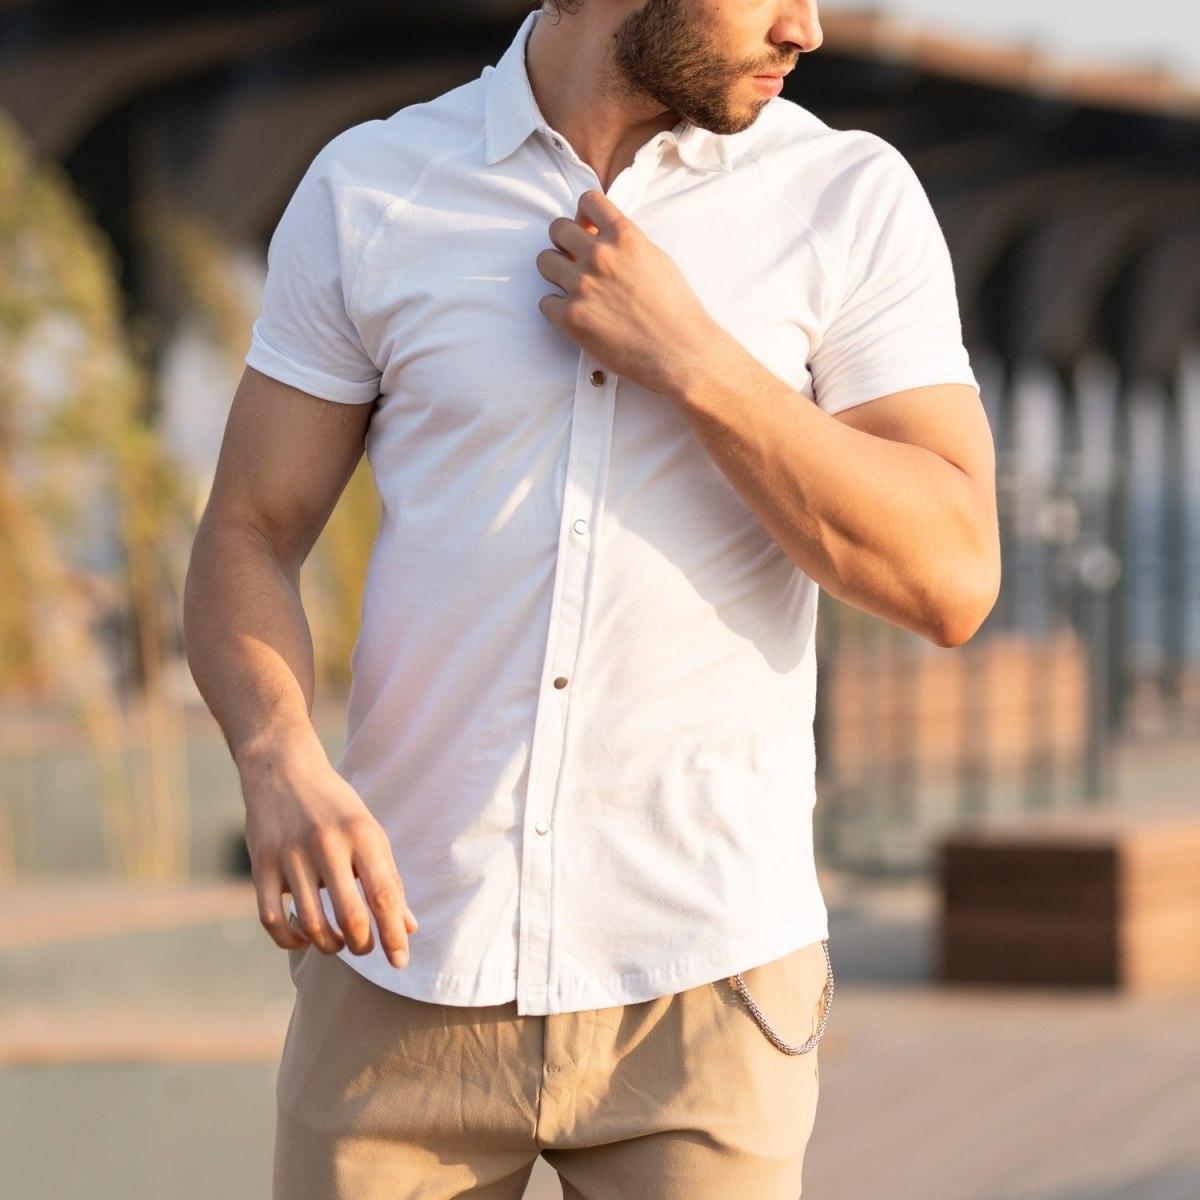 Men's Short Sleeve New Style Shirt In White Mv Premium Brand - 1